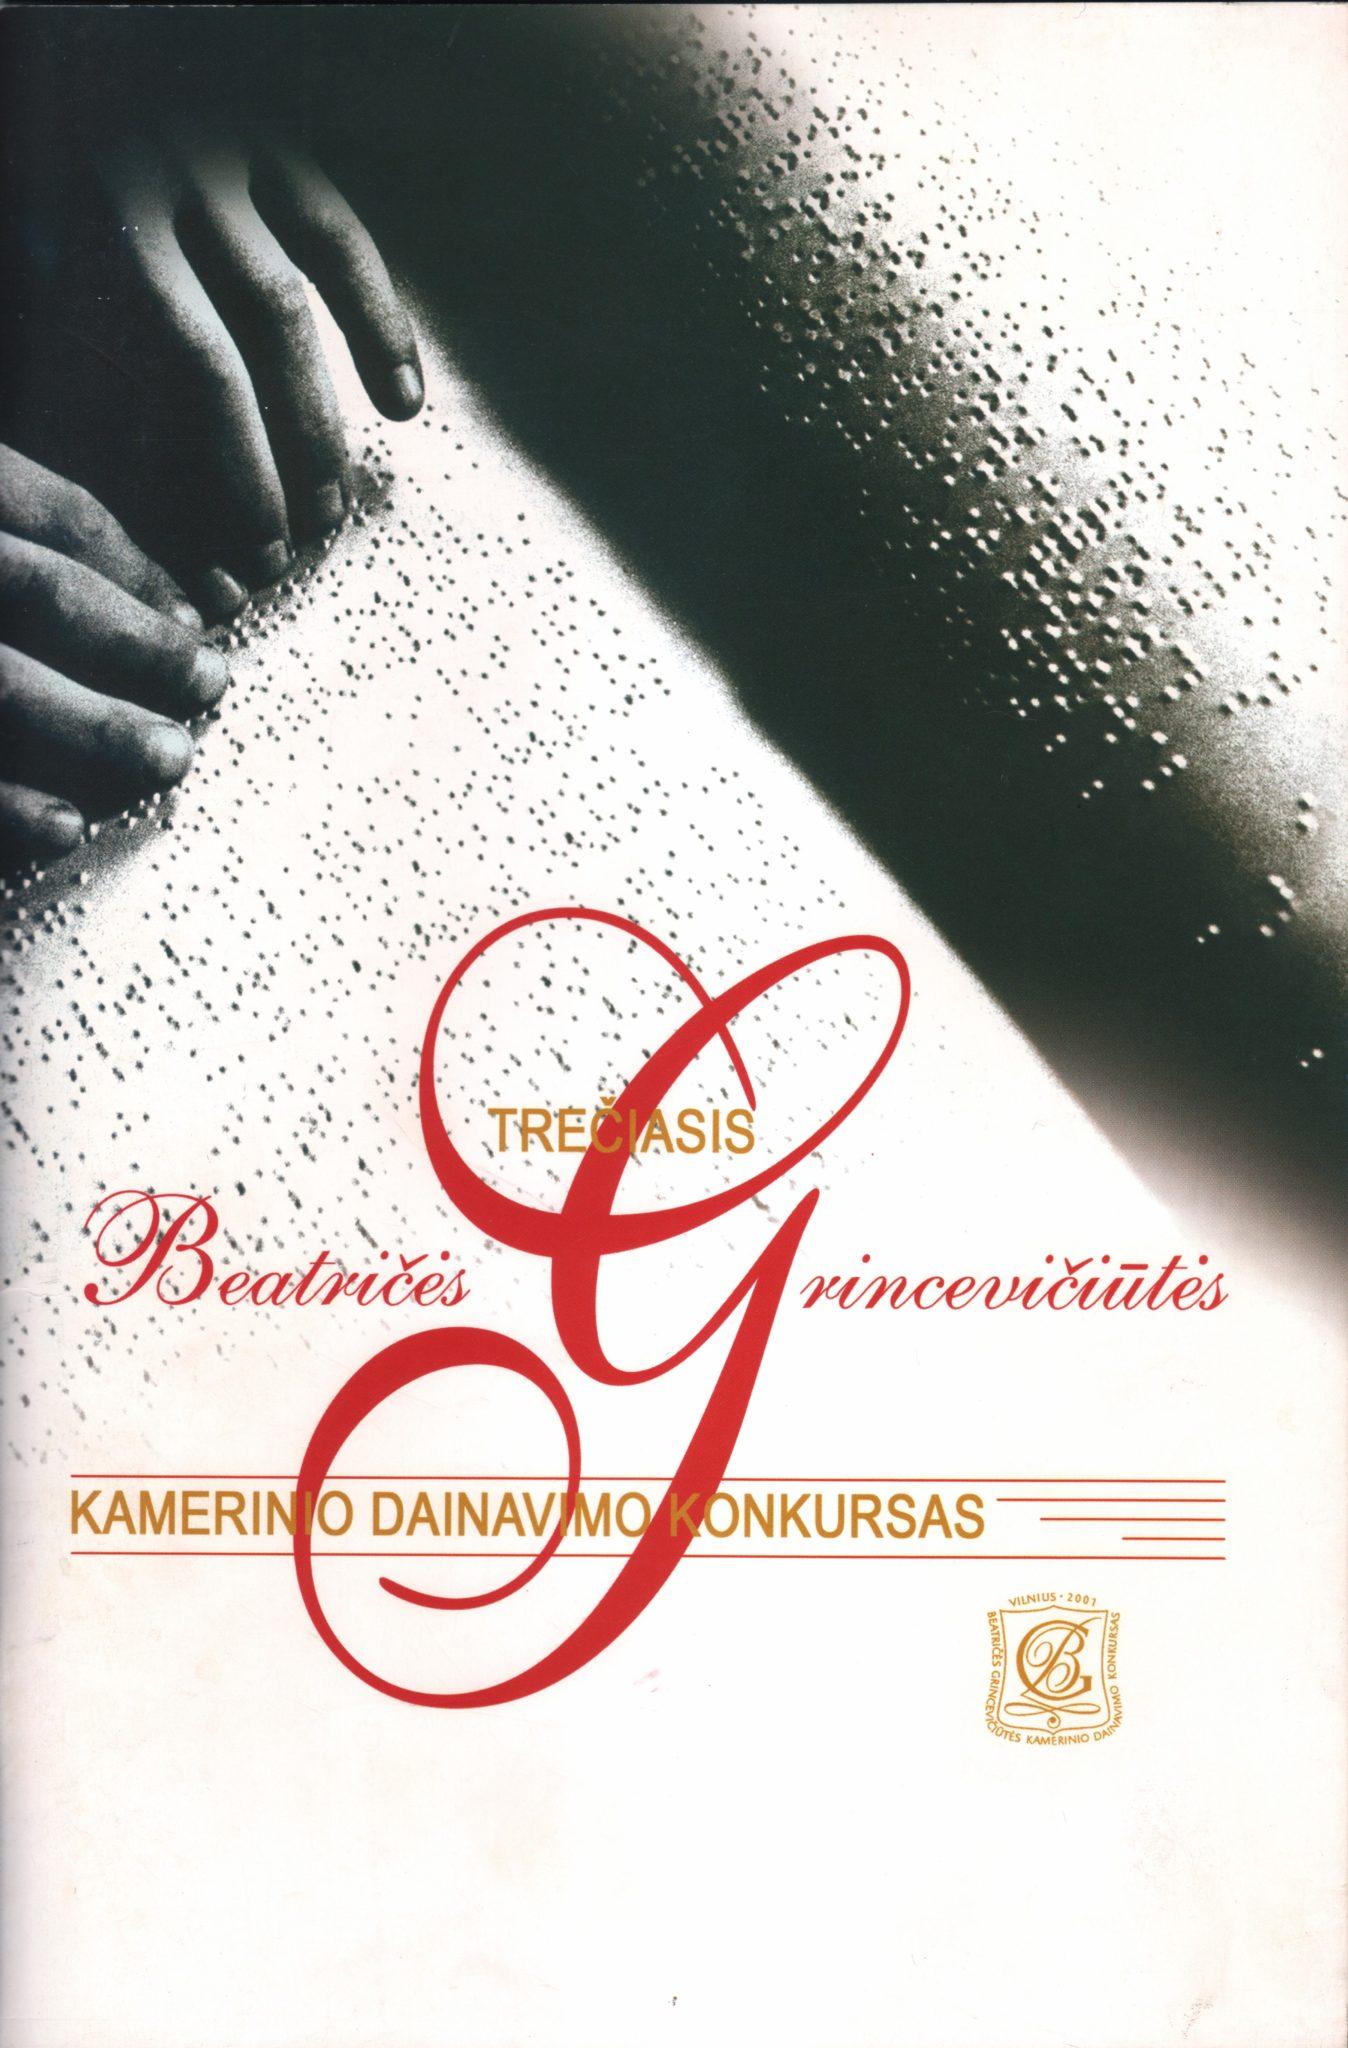 Trečiasis Beatričės Grincevičiūtės kamerinio dainavimo konkursas. – Vilnius, 2001. Leidinio viršelis